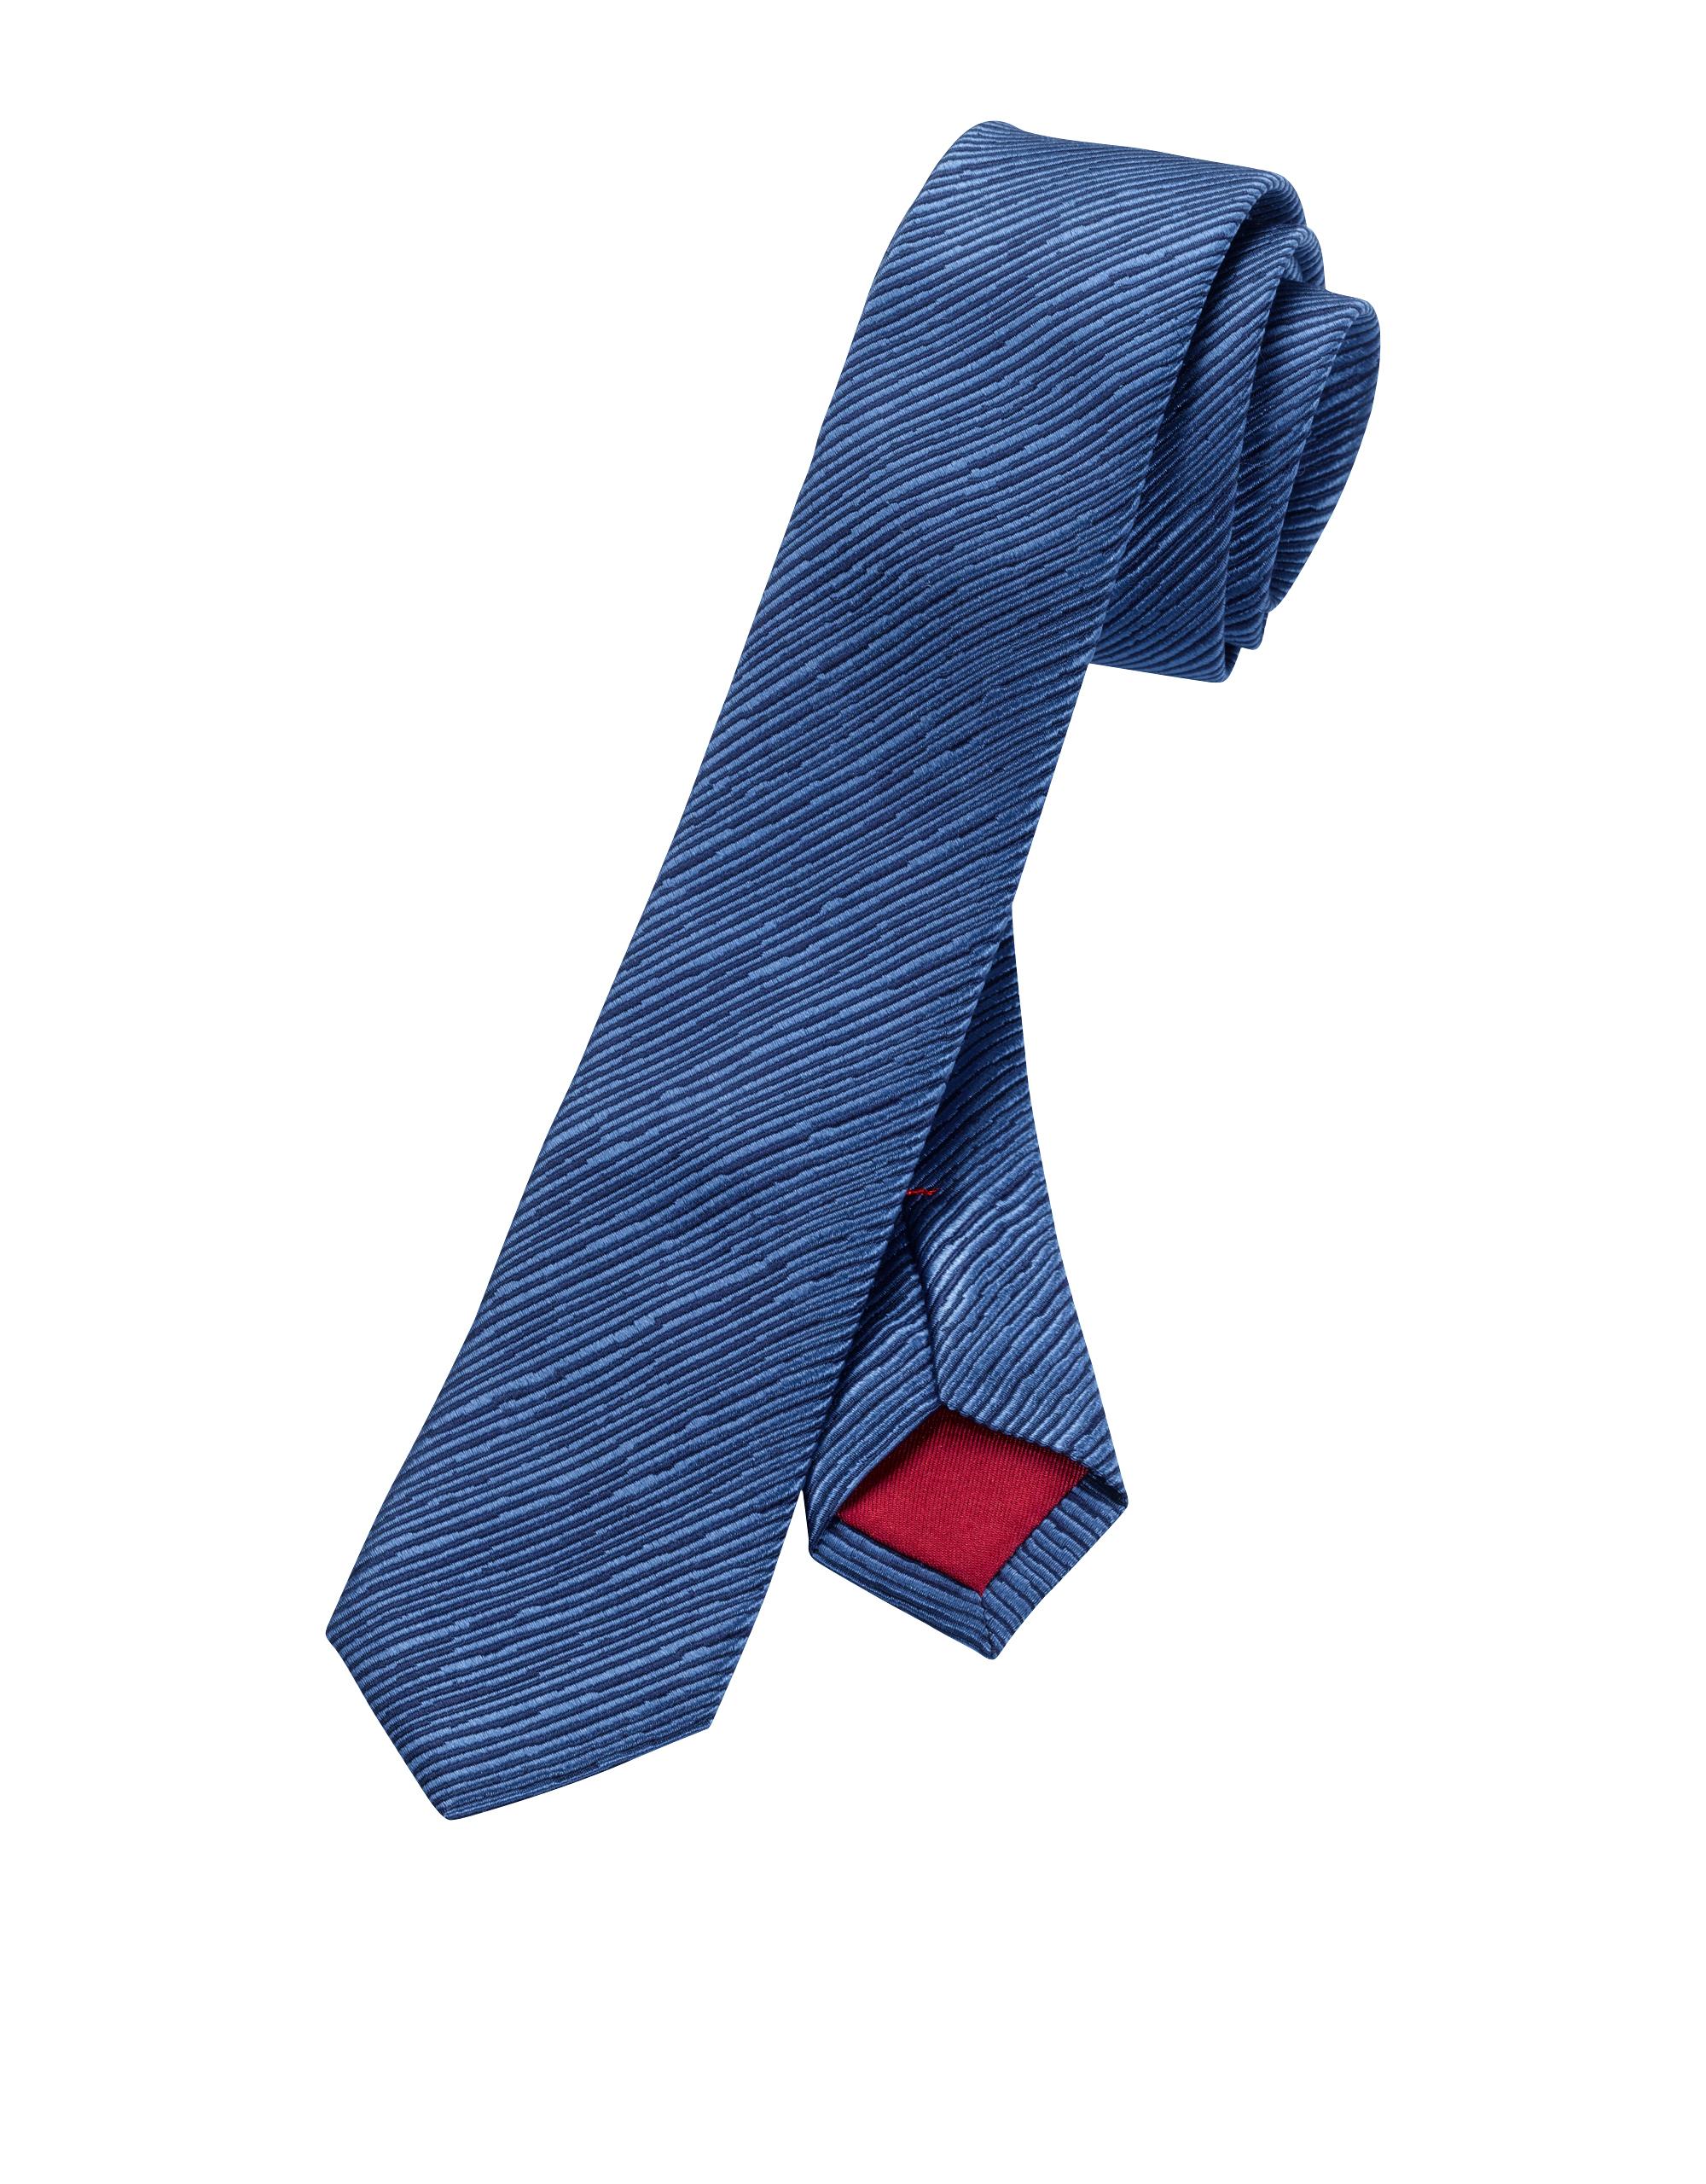 OLYMP  Krawatte, Marine, | Accessoires > Krawatten | Seide | OLYMP